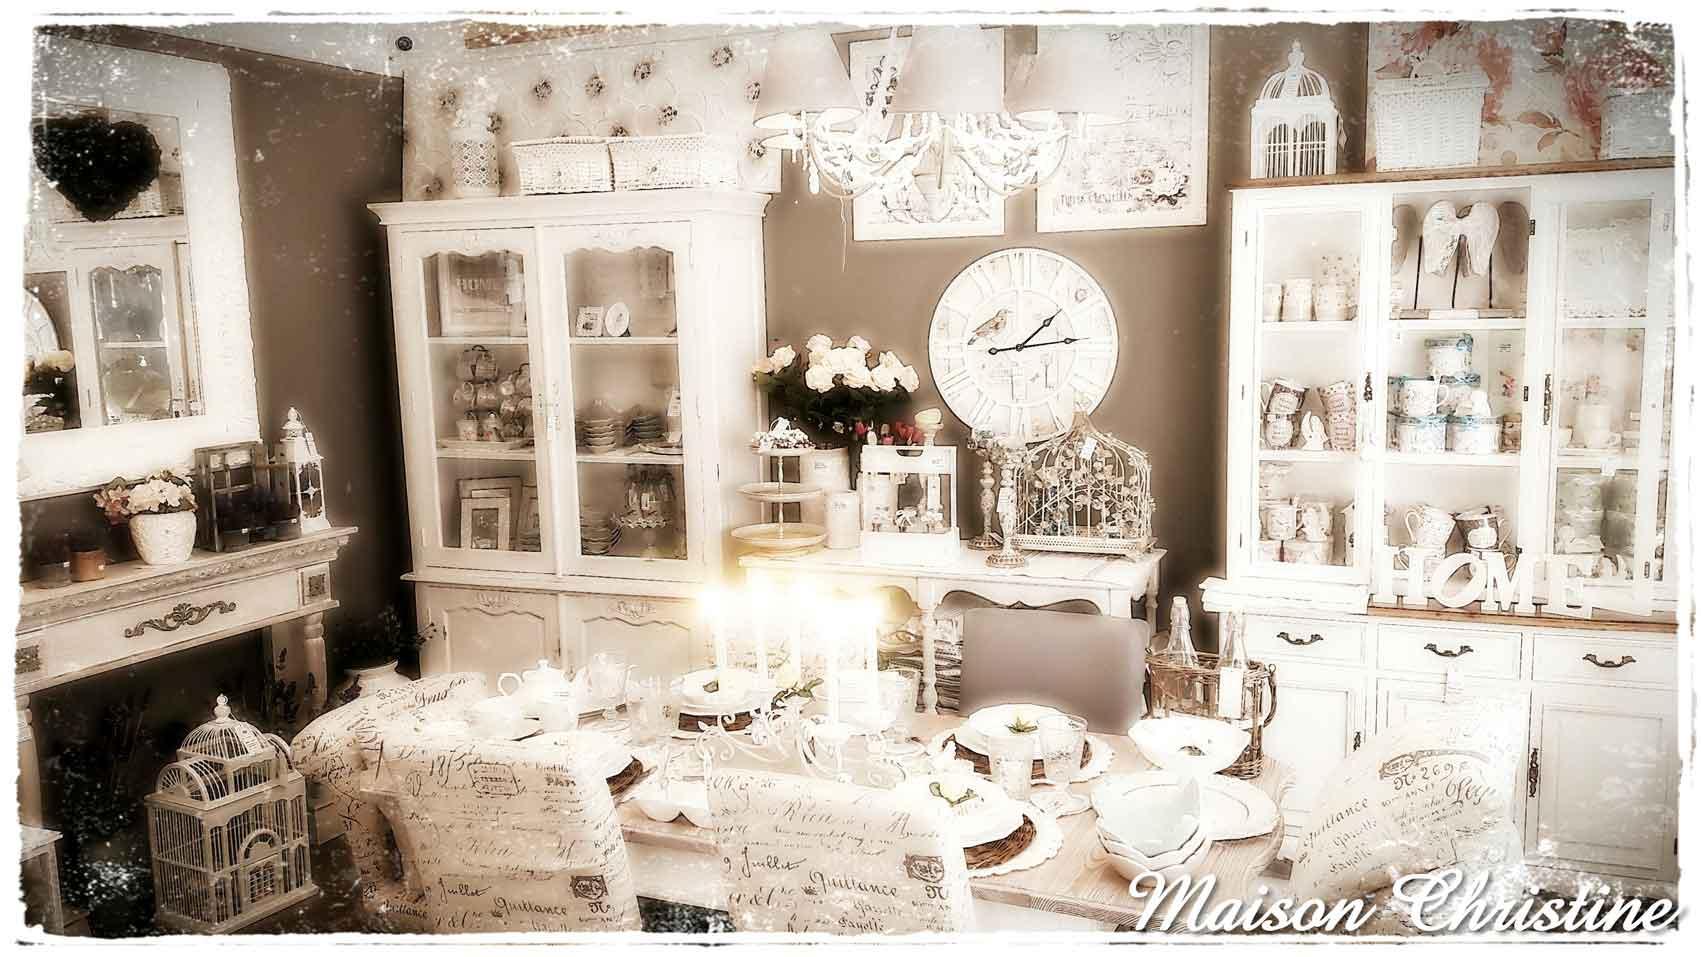 Arredamento shabby chic monza maison christine for Arredamento shabby